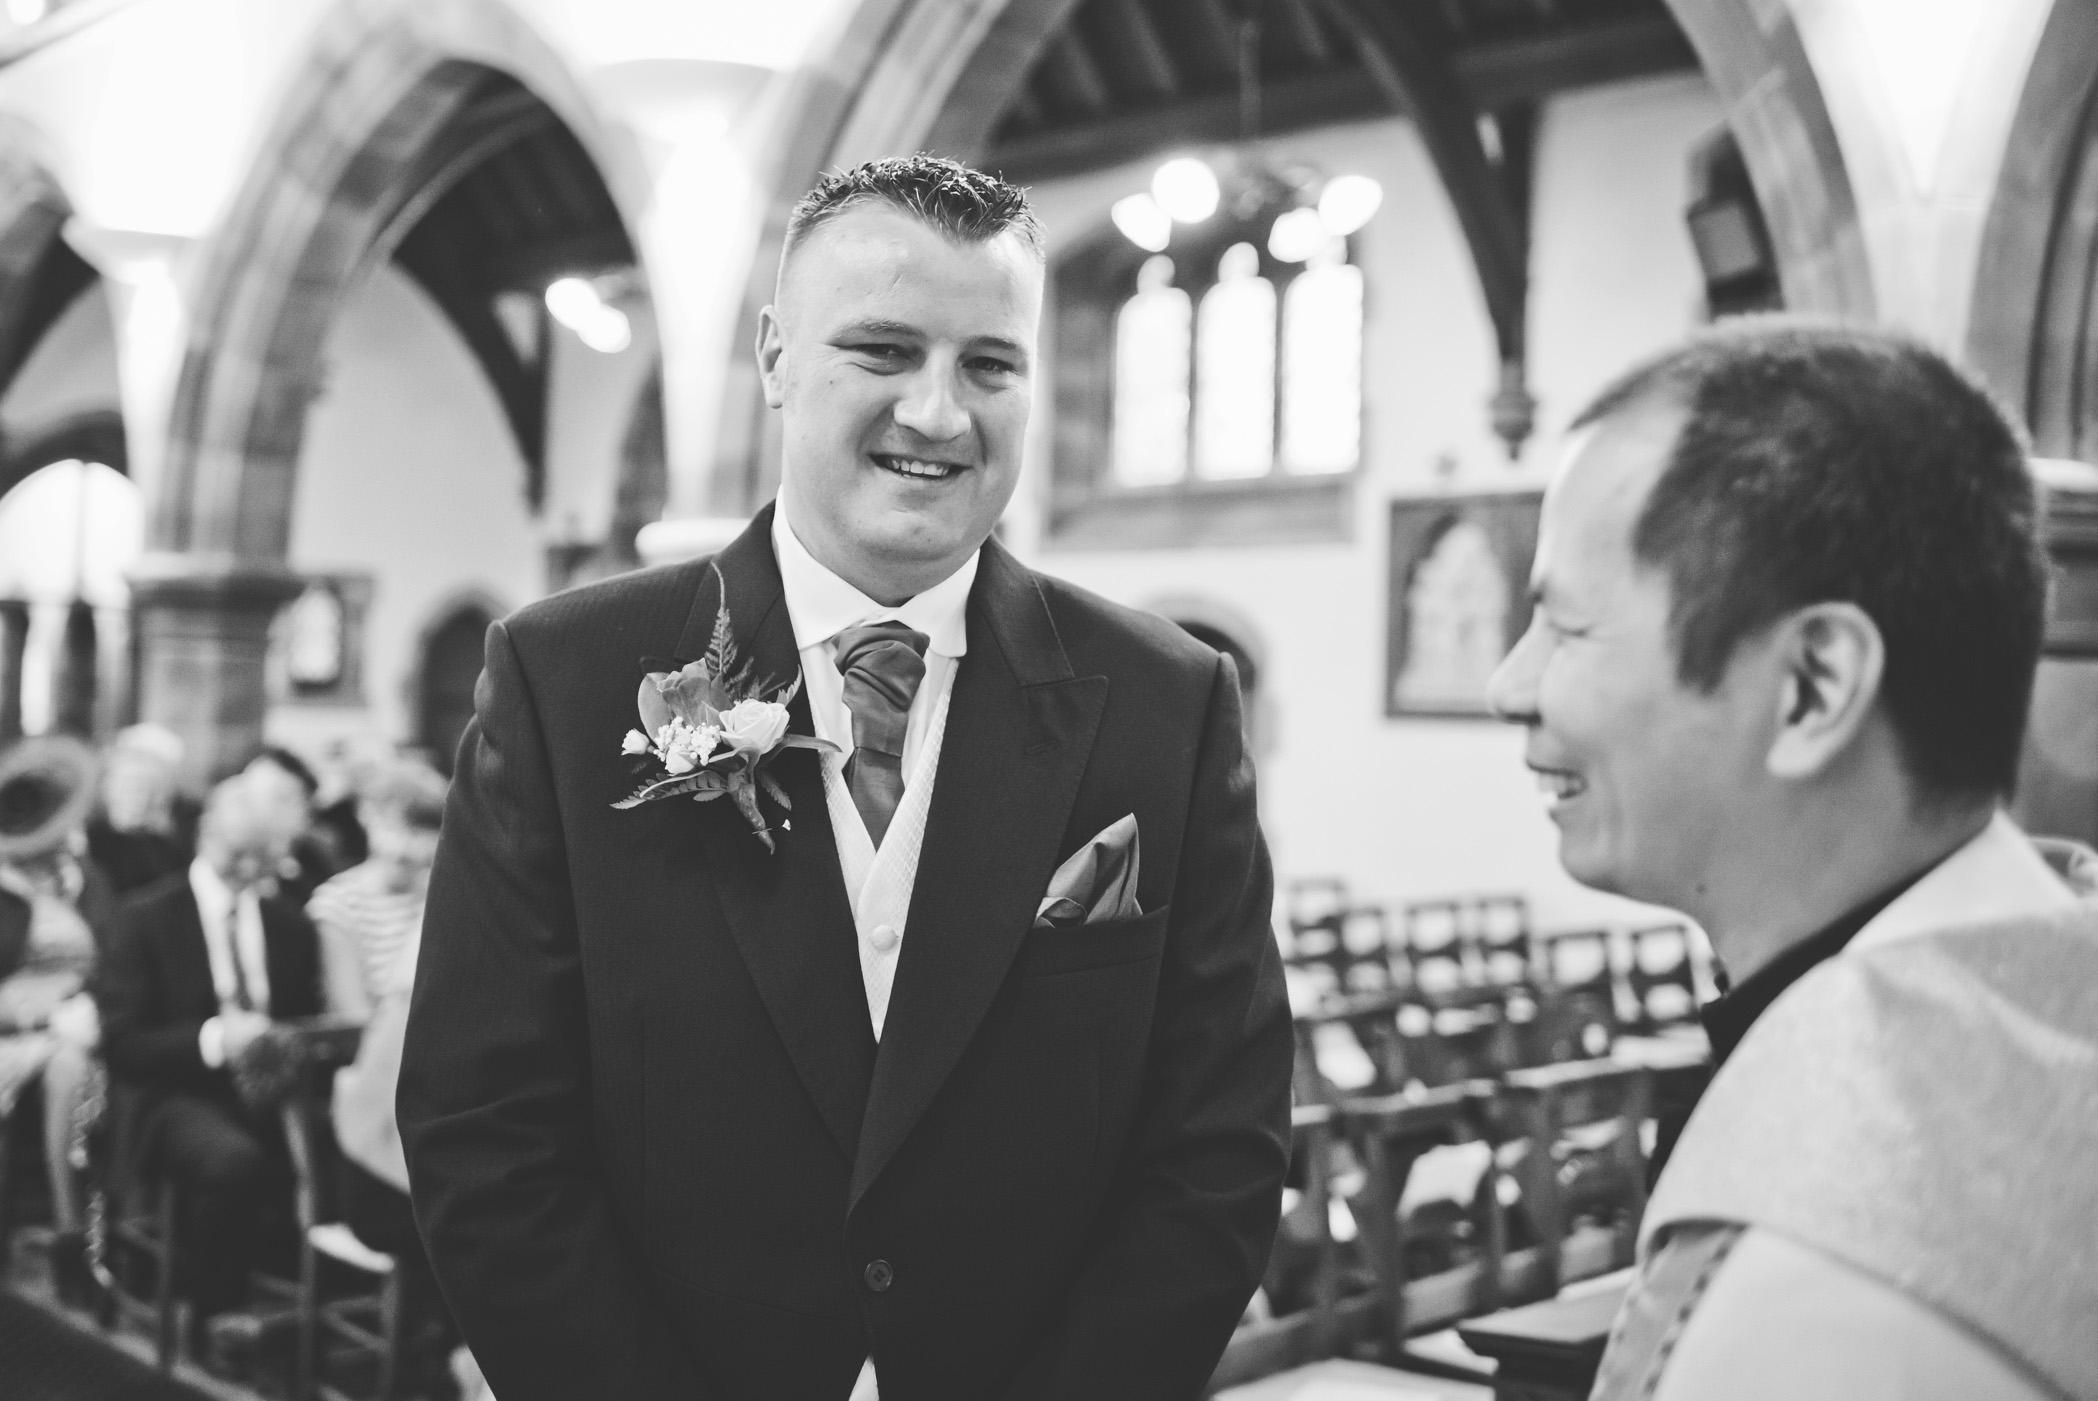 Farm-wedding-staffordshire-st-marys-catholic-church-uttoxter-19.jpg